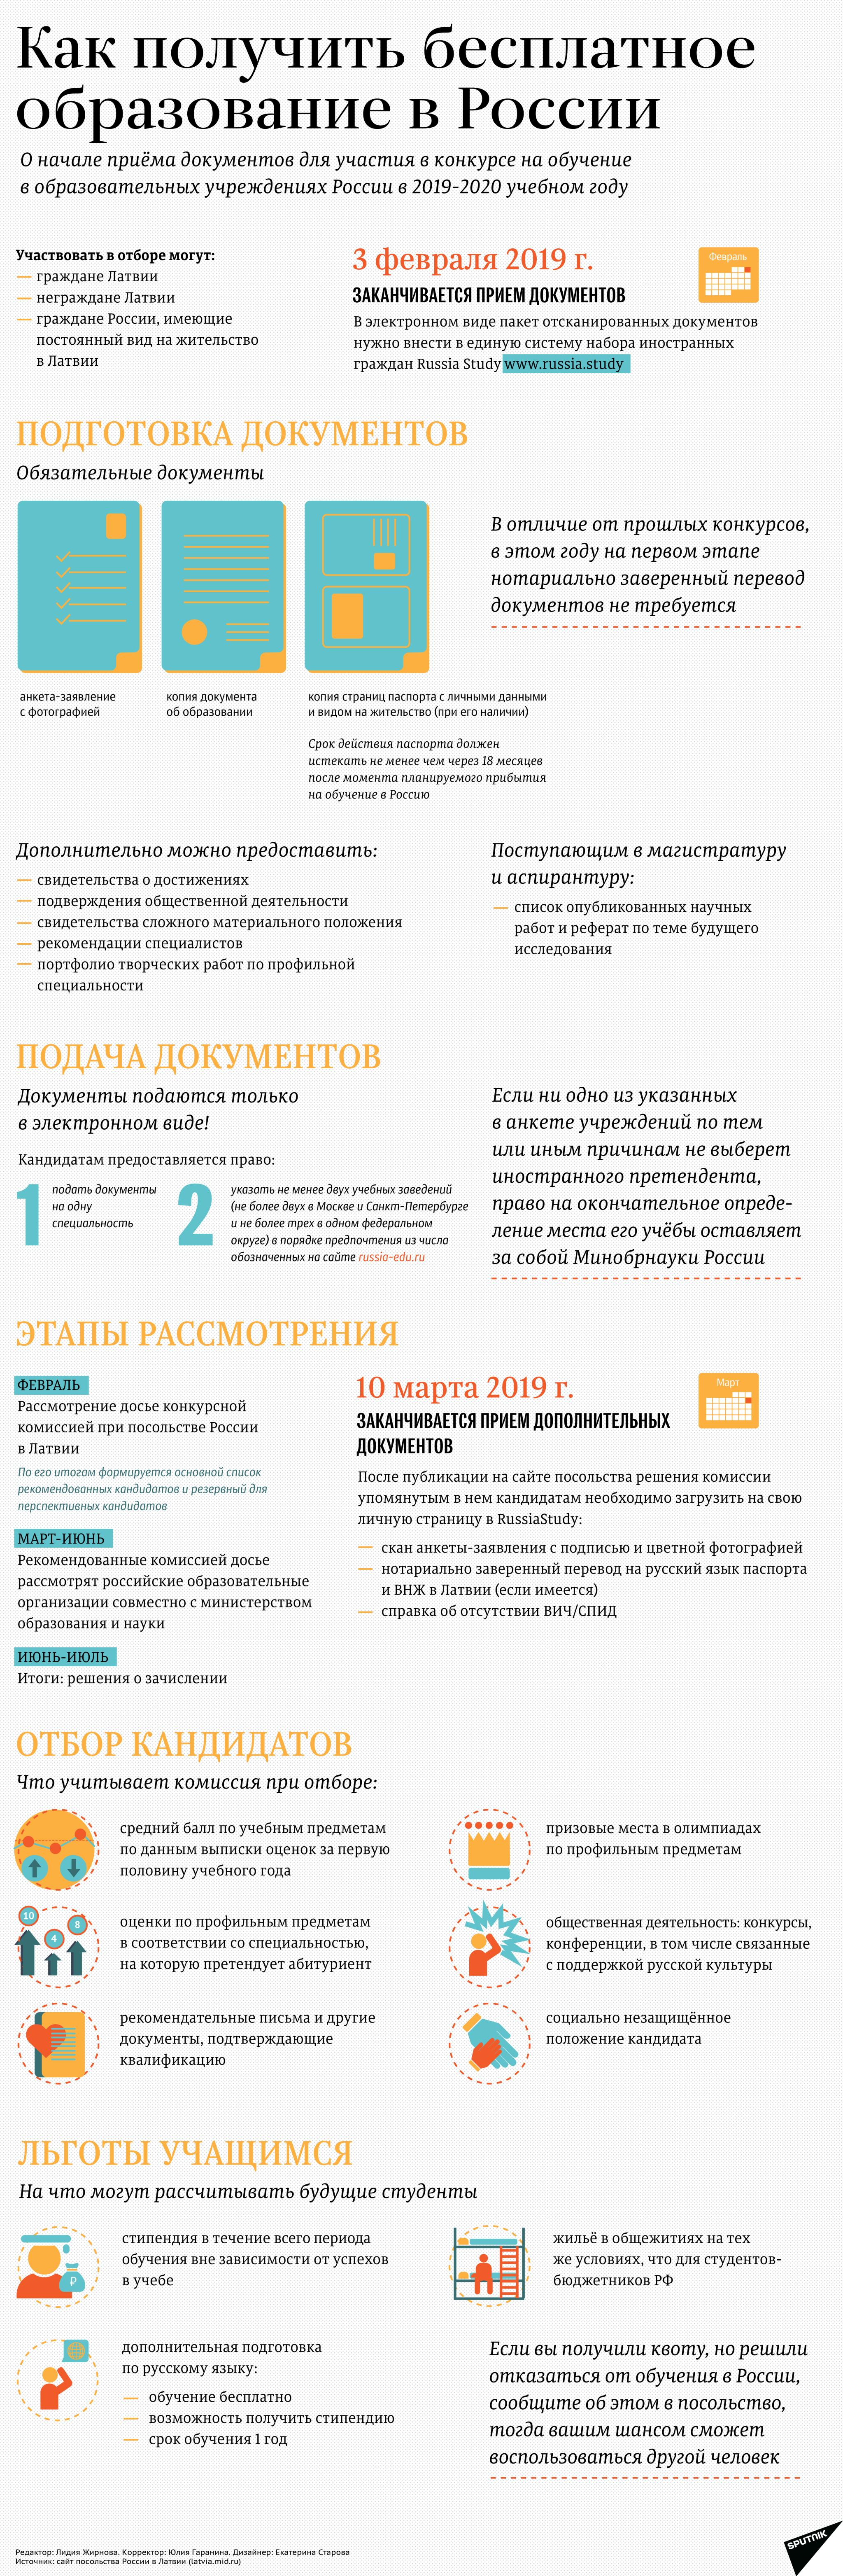 Как получить бесплатное образование в России - Sputnik Латвия